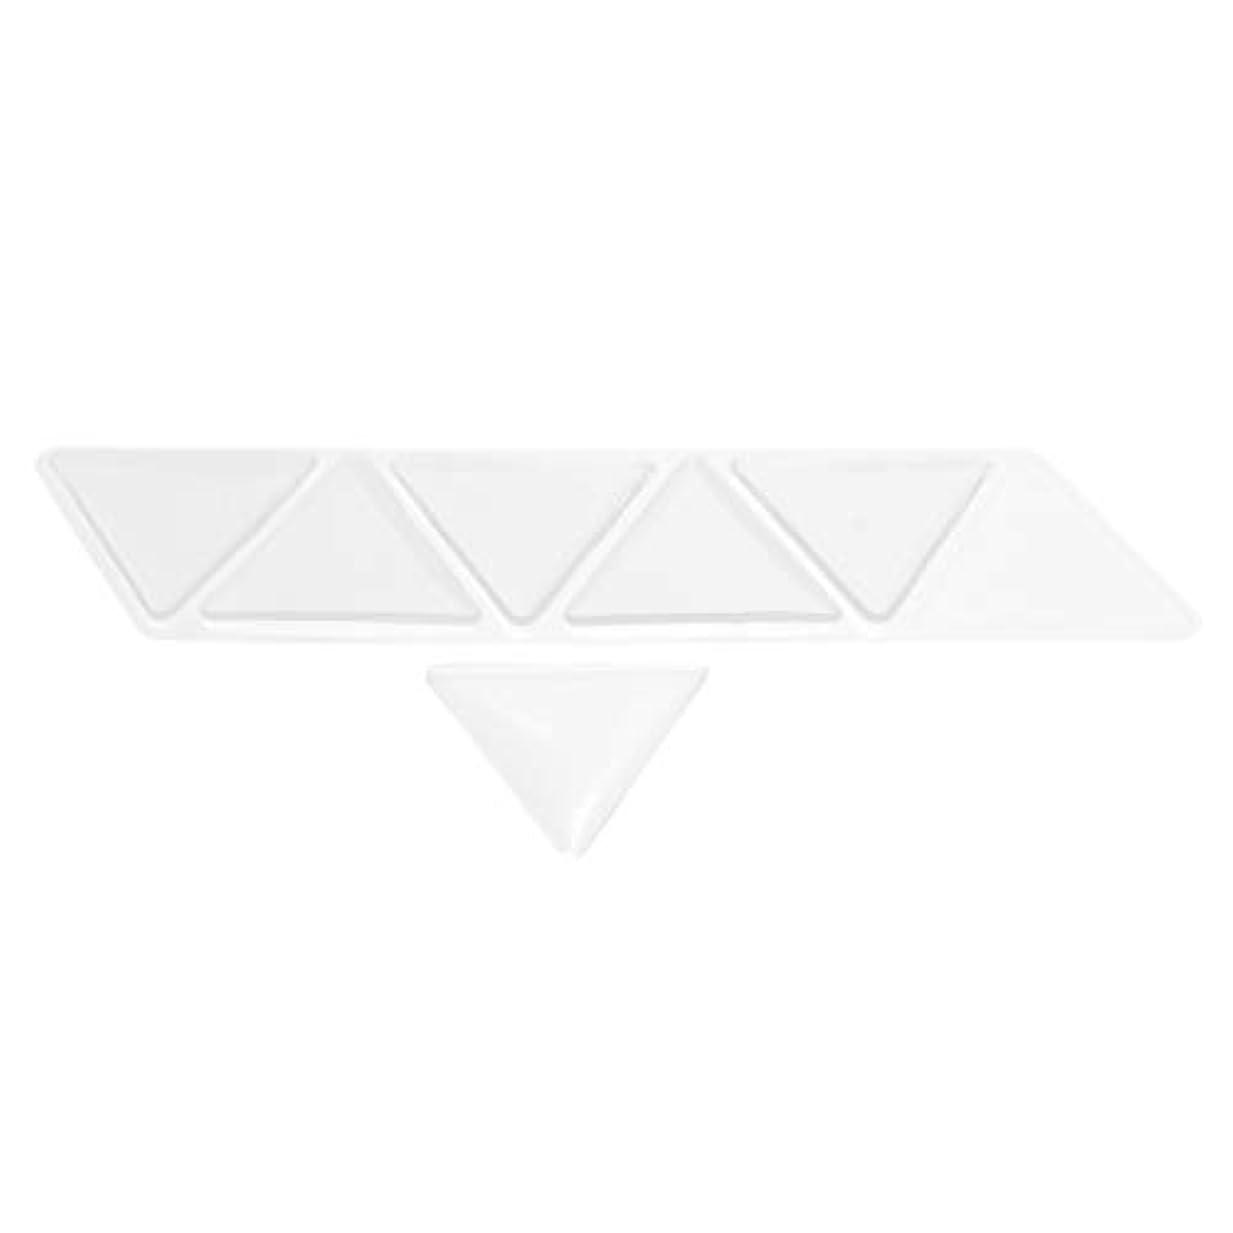 等々天窓評価可能額パッド シリコン 透明 額スキンケア 再利用可能な 目に見えない 三角パッド 6個セット